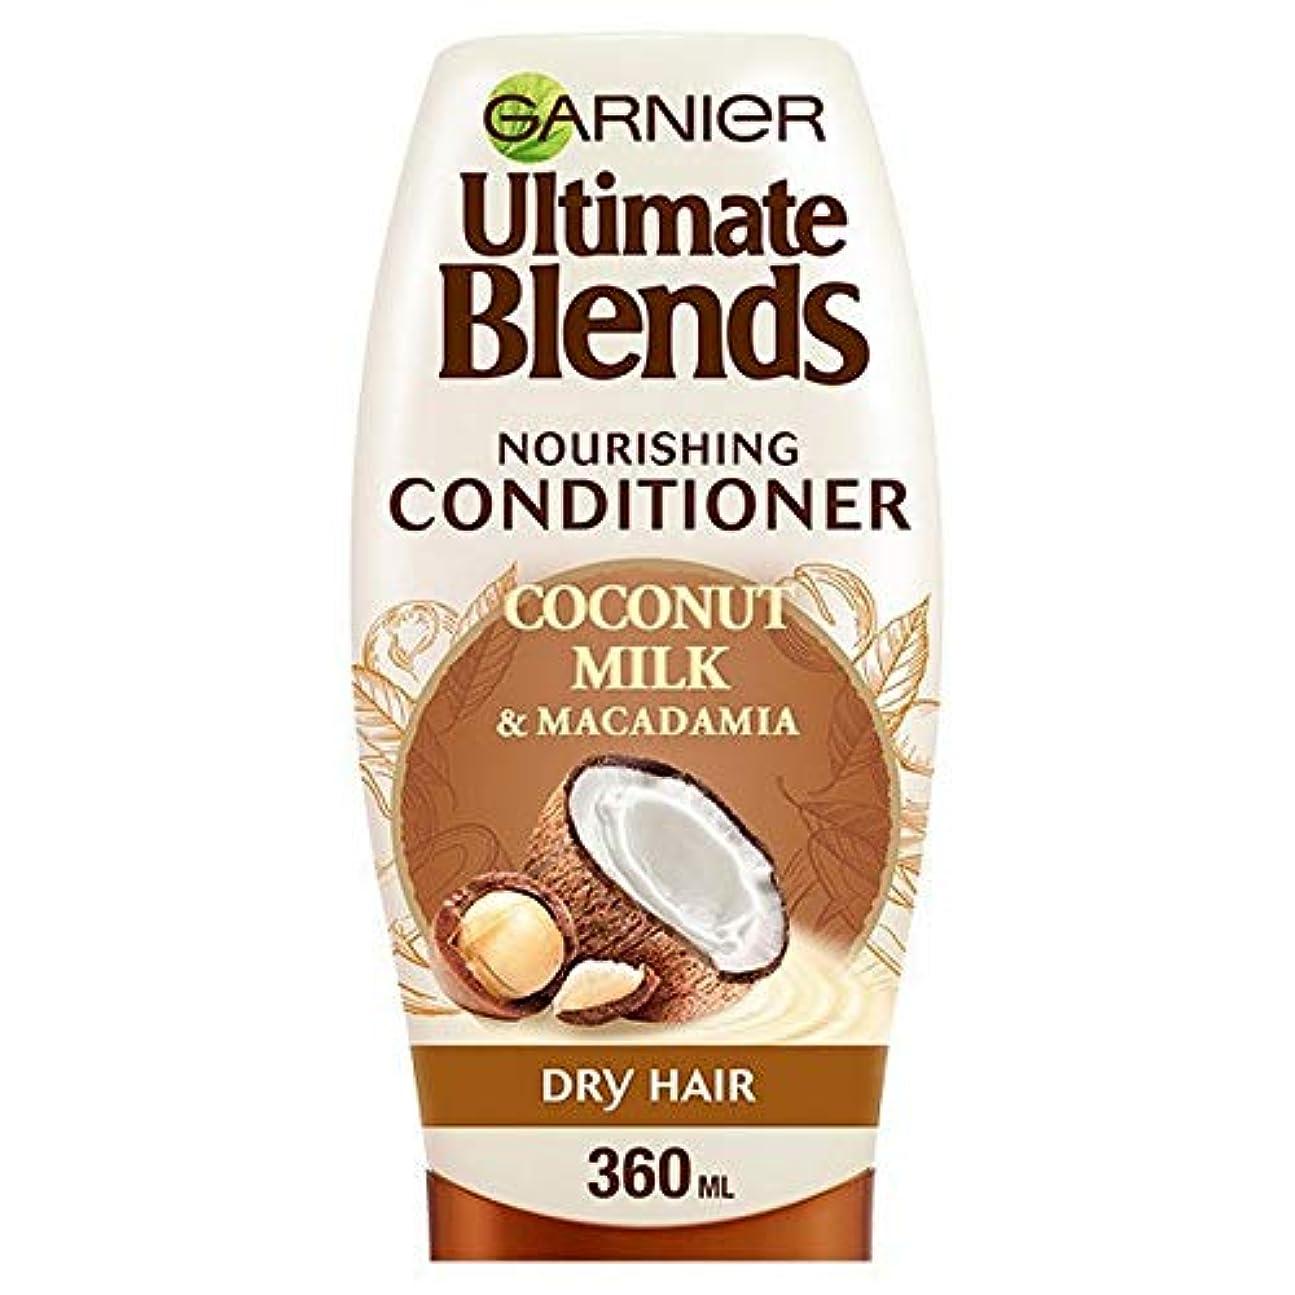 調整住む余暇[Garnier ] 究極のブレンドココナッツミルクドライヘアコンディショナー360ミリリットル - Ultimate Blends Coconut Milk Dry Hair Conditioner 360ml [並行輸入品]